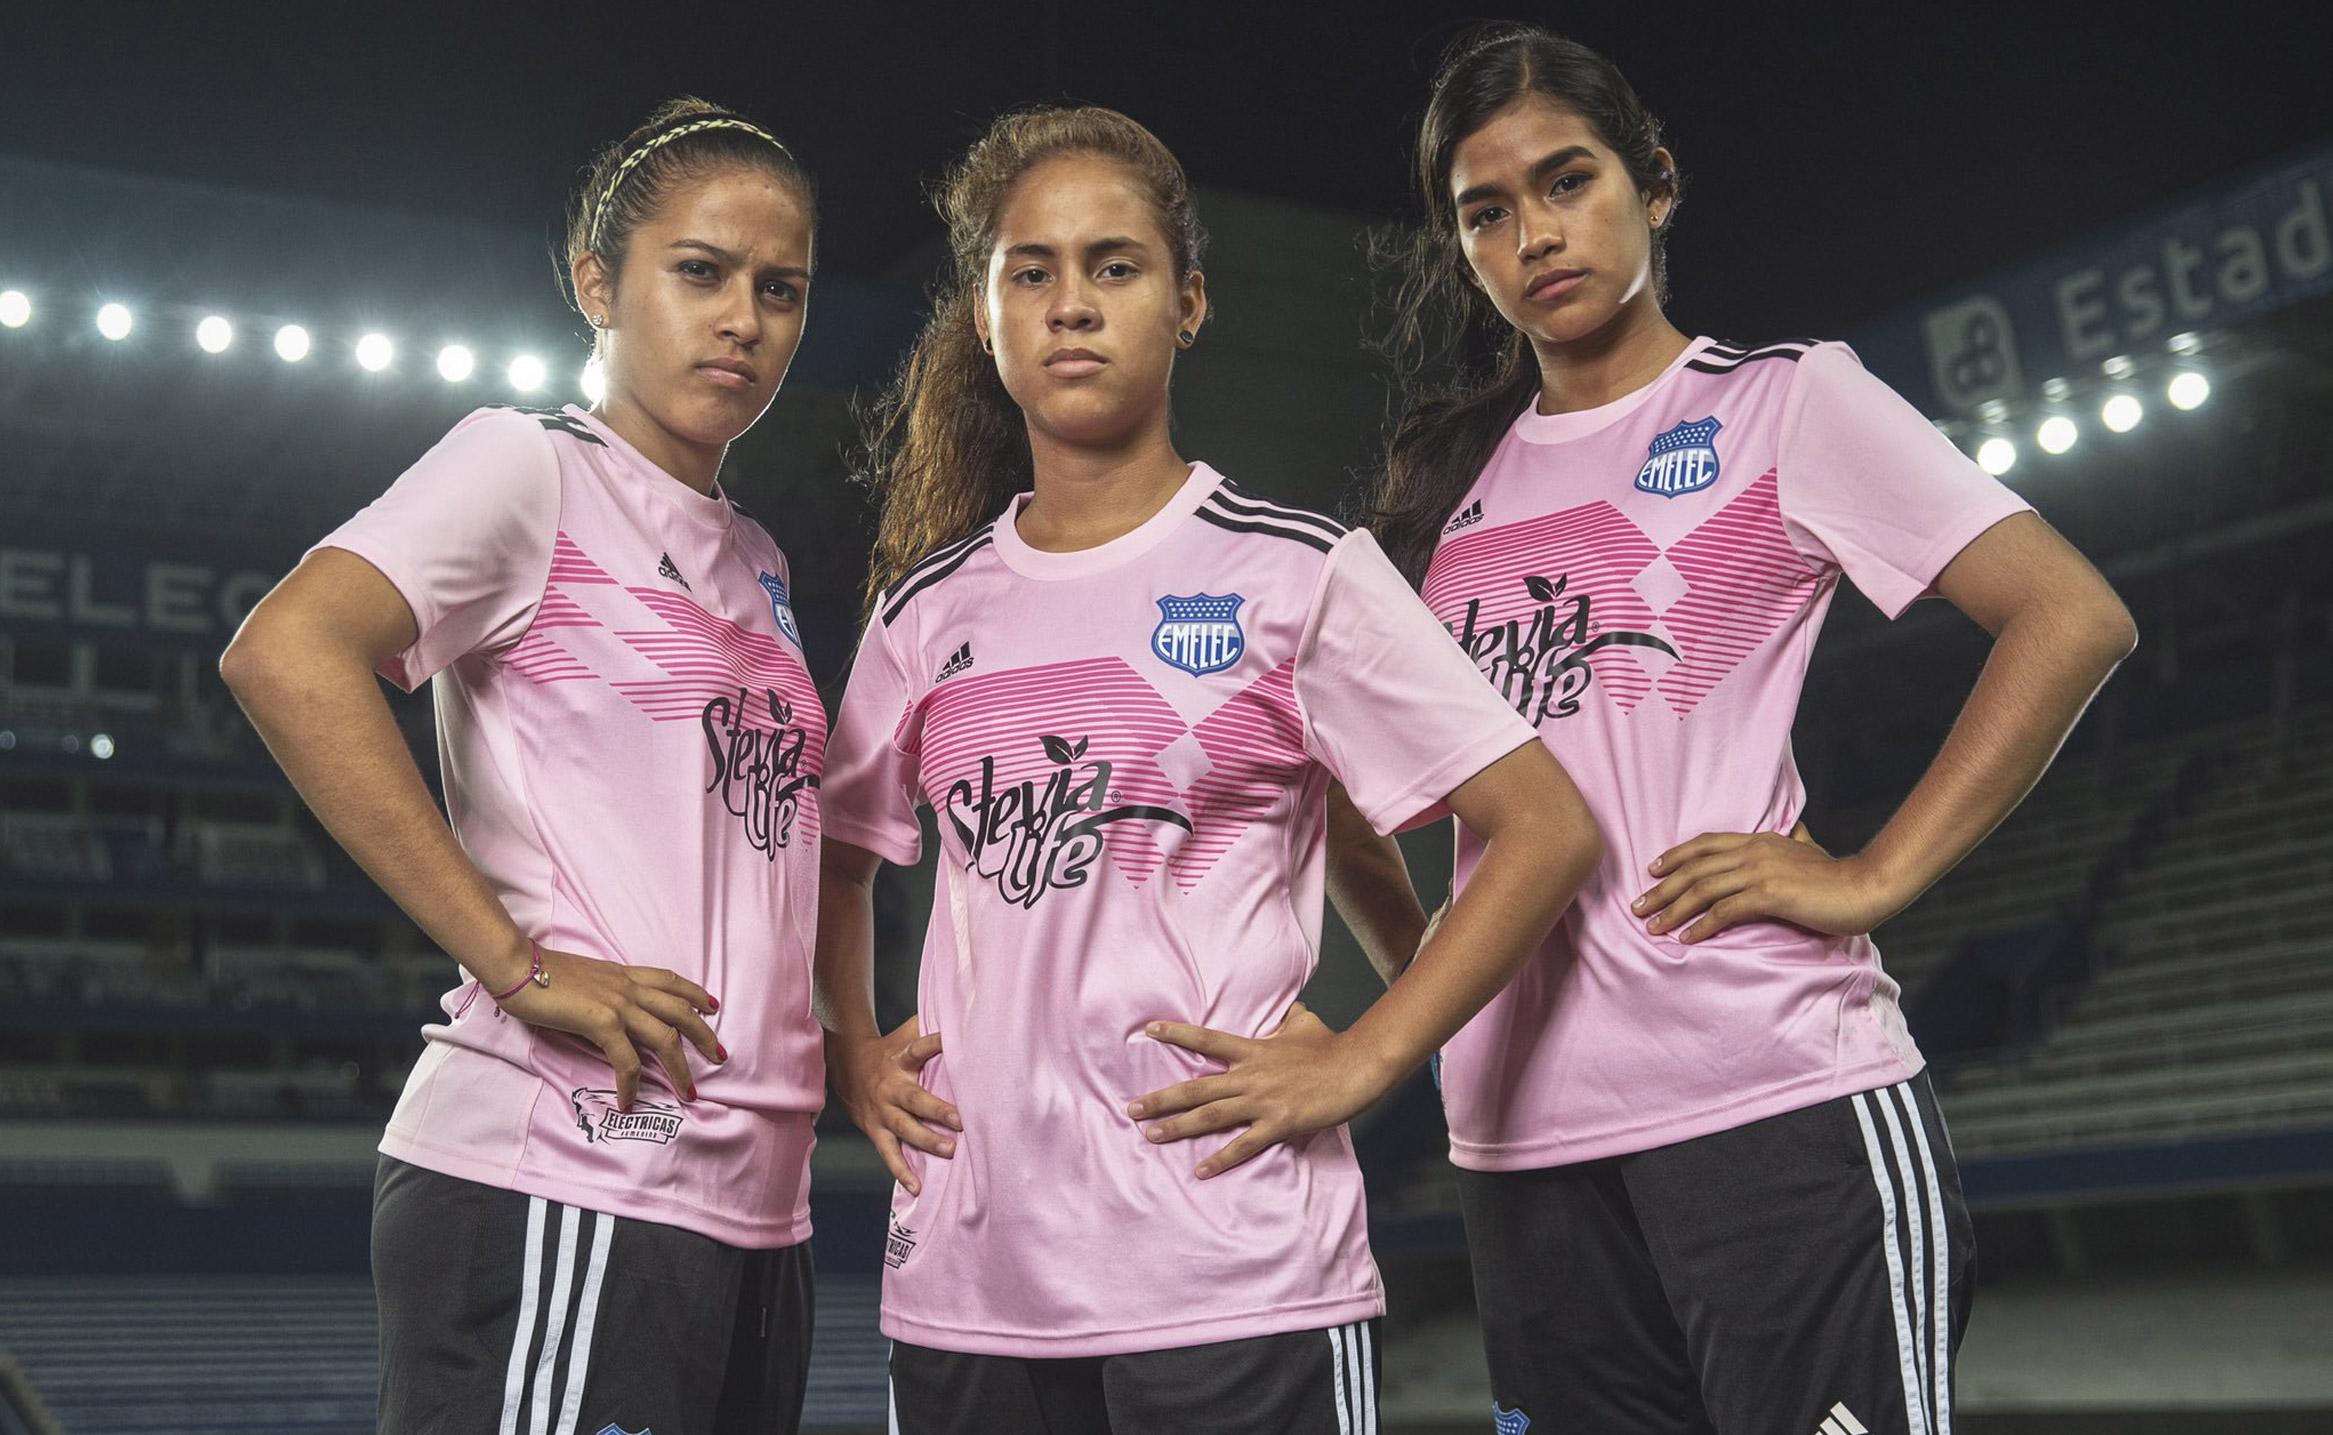 Contribuyente lana Del Sur  Emelec se une al partido contra el cáncer de mama y lanza una camiseta  conmemorativa - Sitio Web Oficial